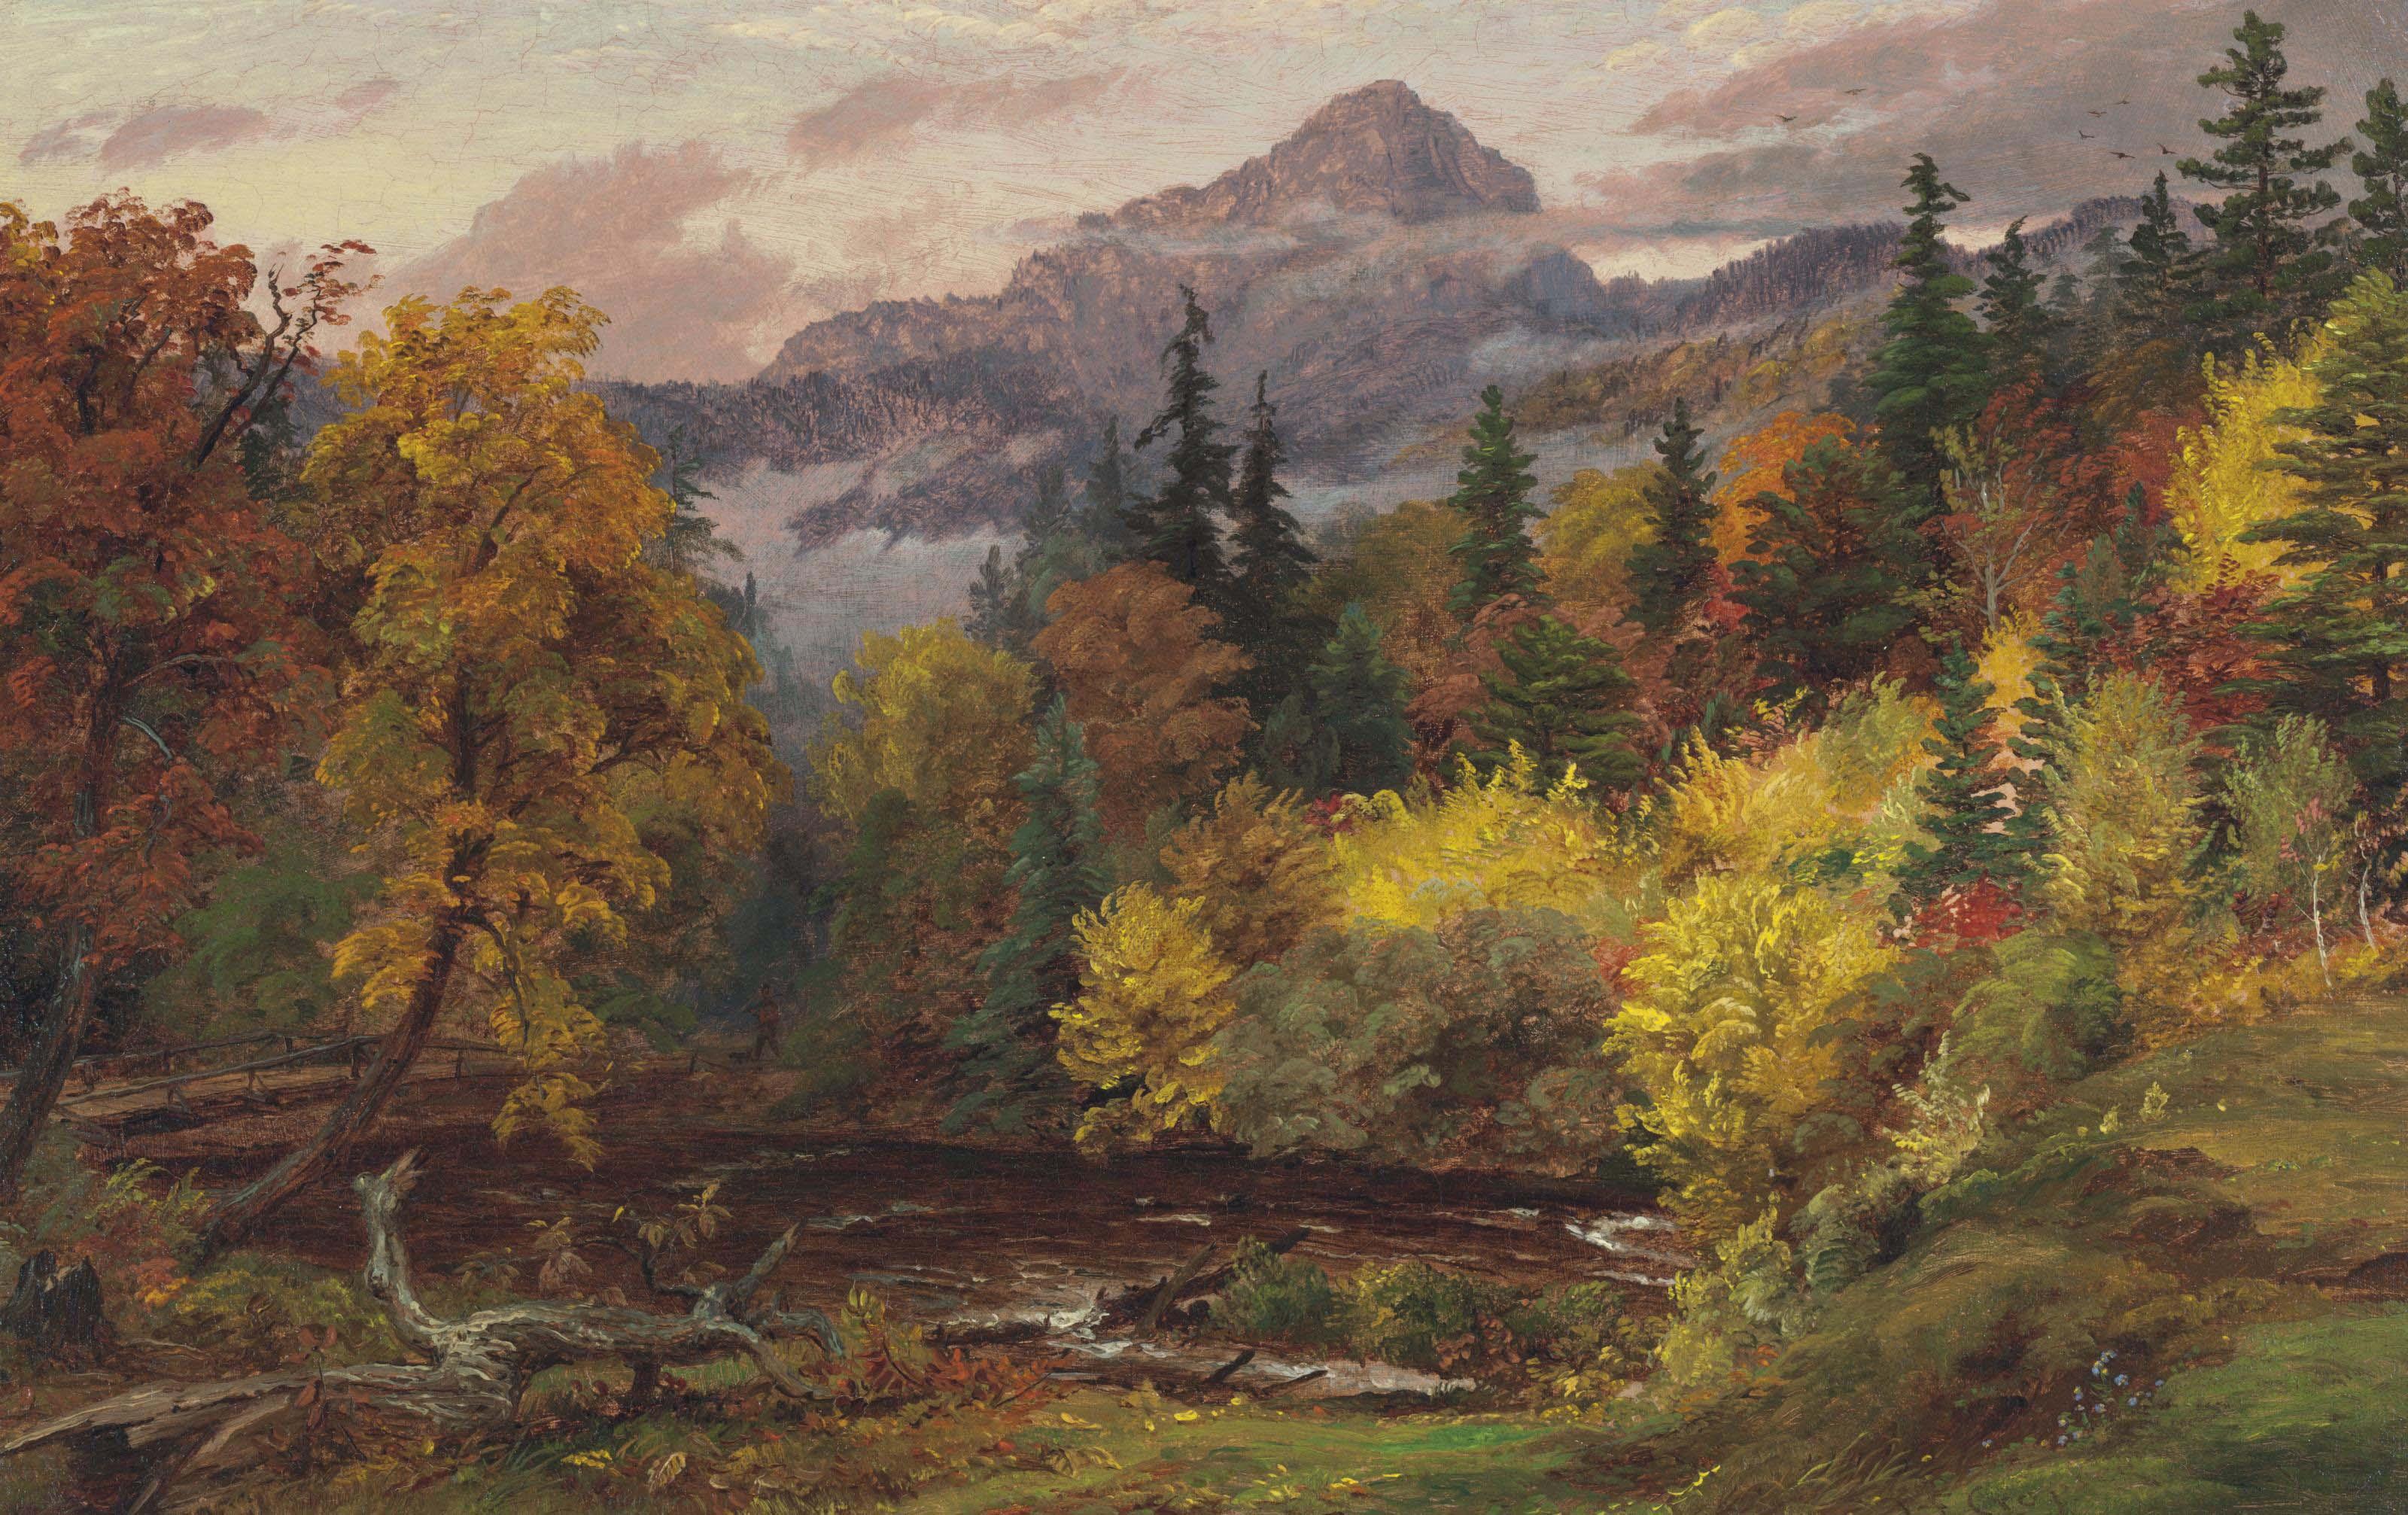 Autumn Foliage in the White Mountains (Mount Chocorua)